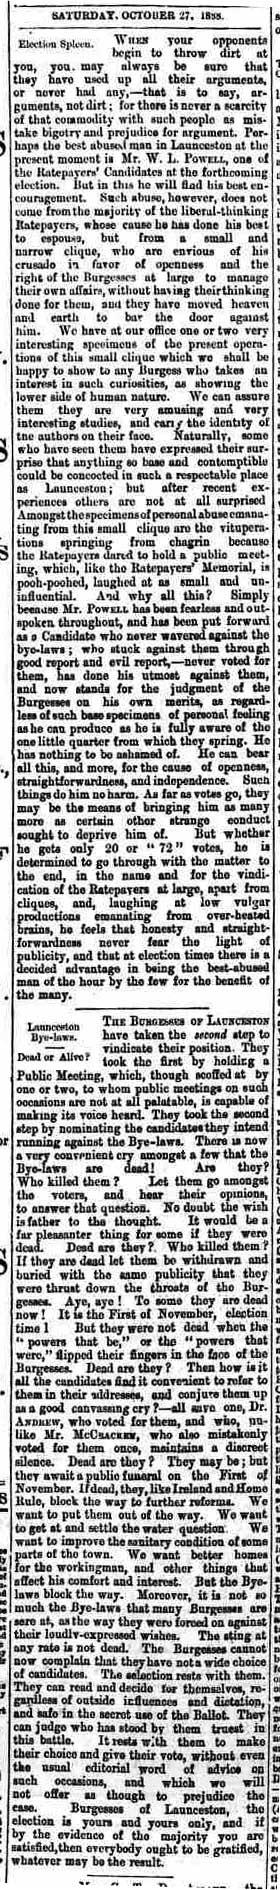 27 October 1888